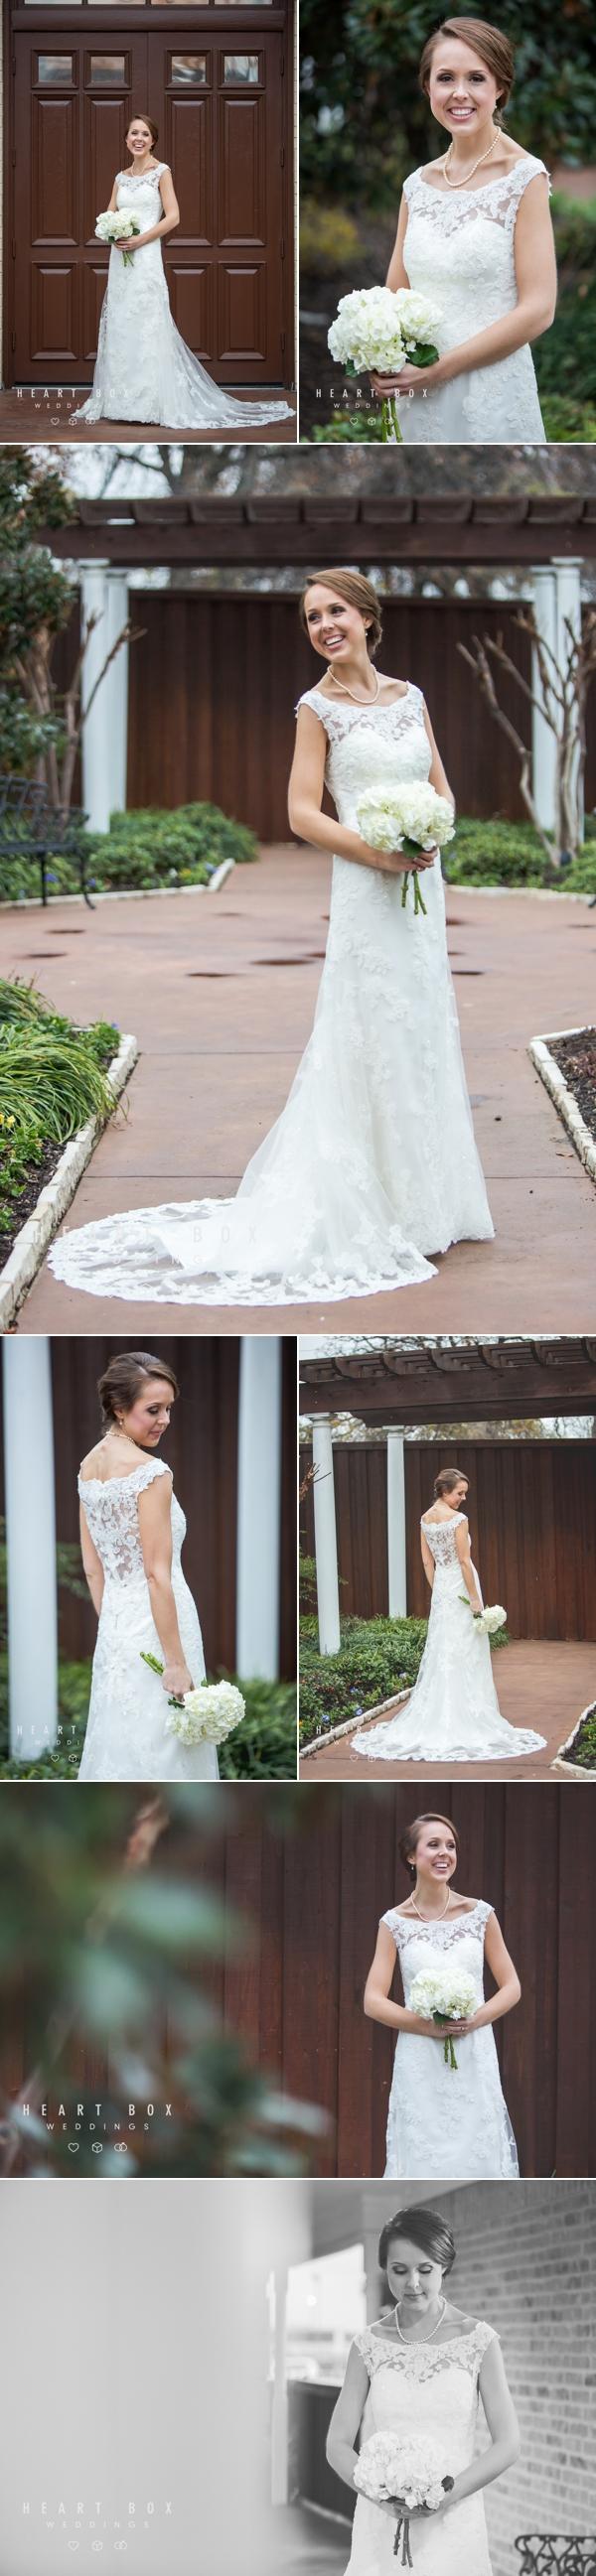 North East Wedding Chapel Wedding Photography